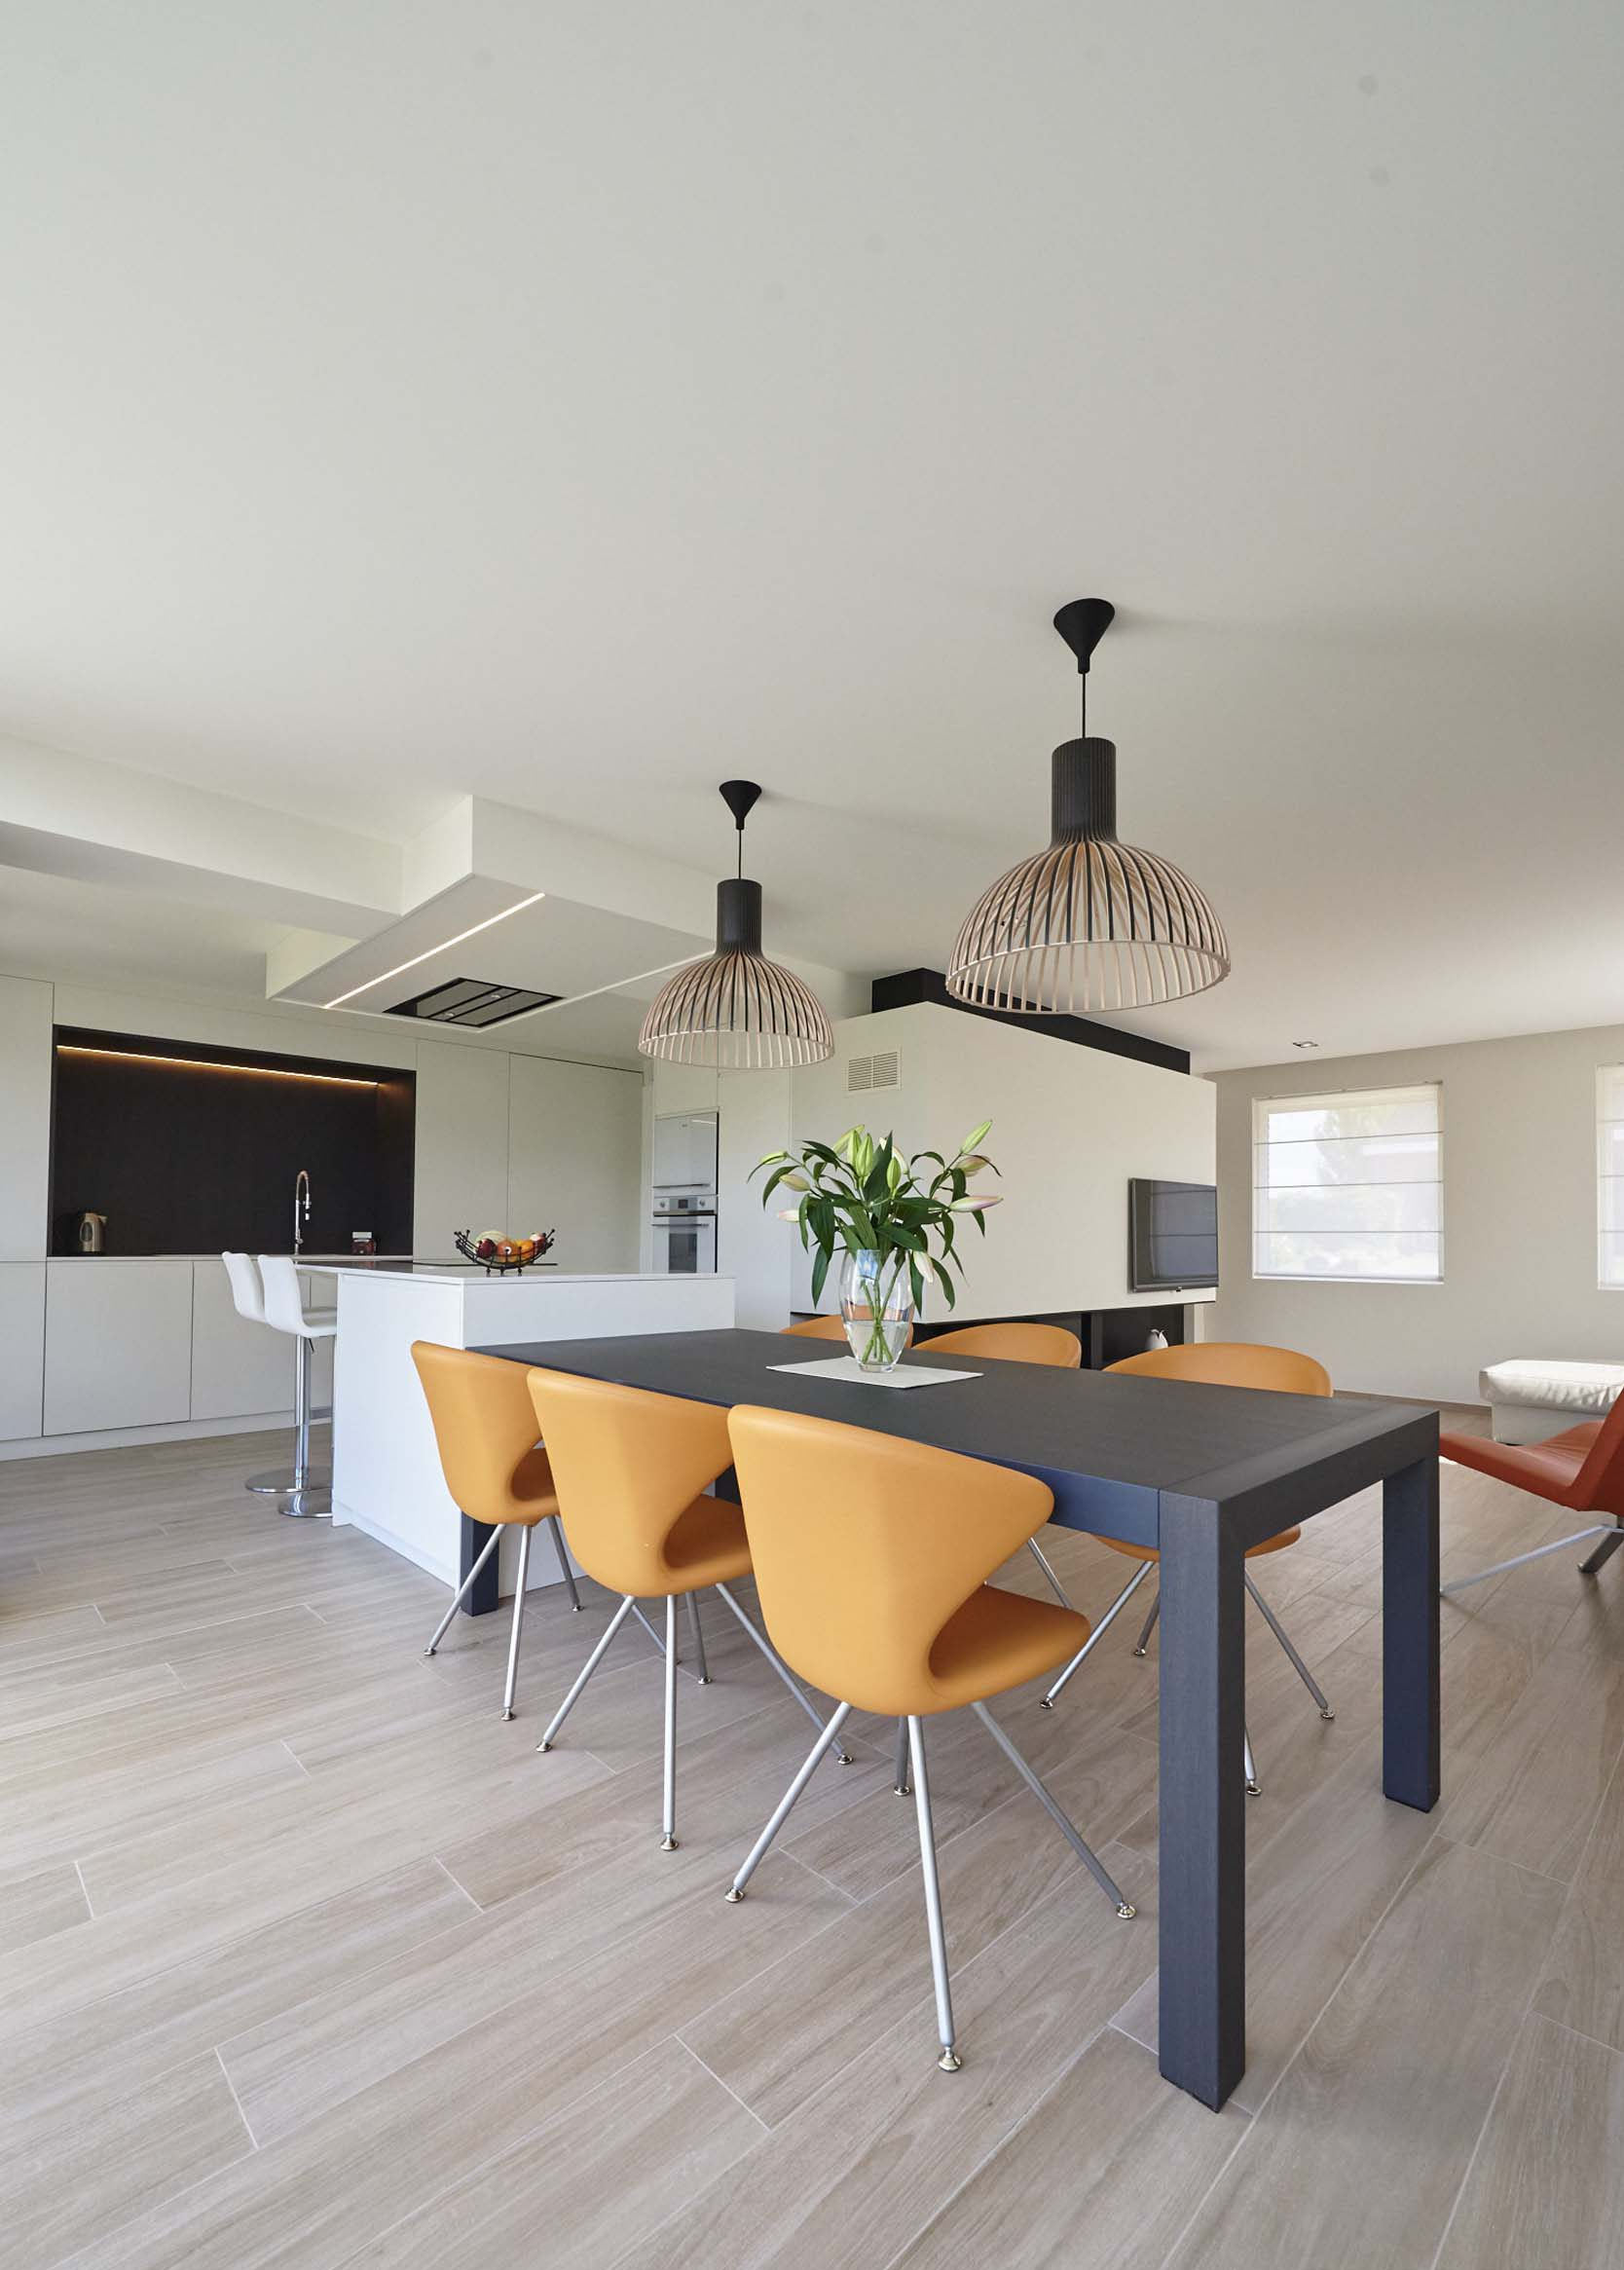 Vanda-projects-interieurinrichting-meubelmakerij-oost-vlaanderen-mortier-keuken-inrichting